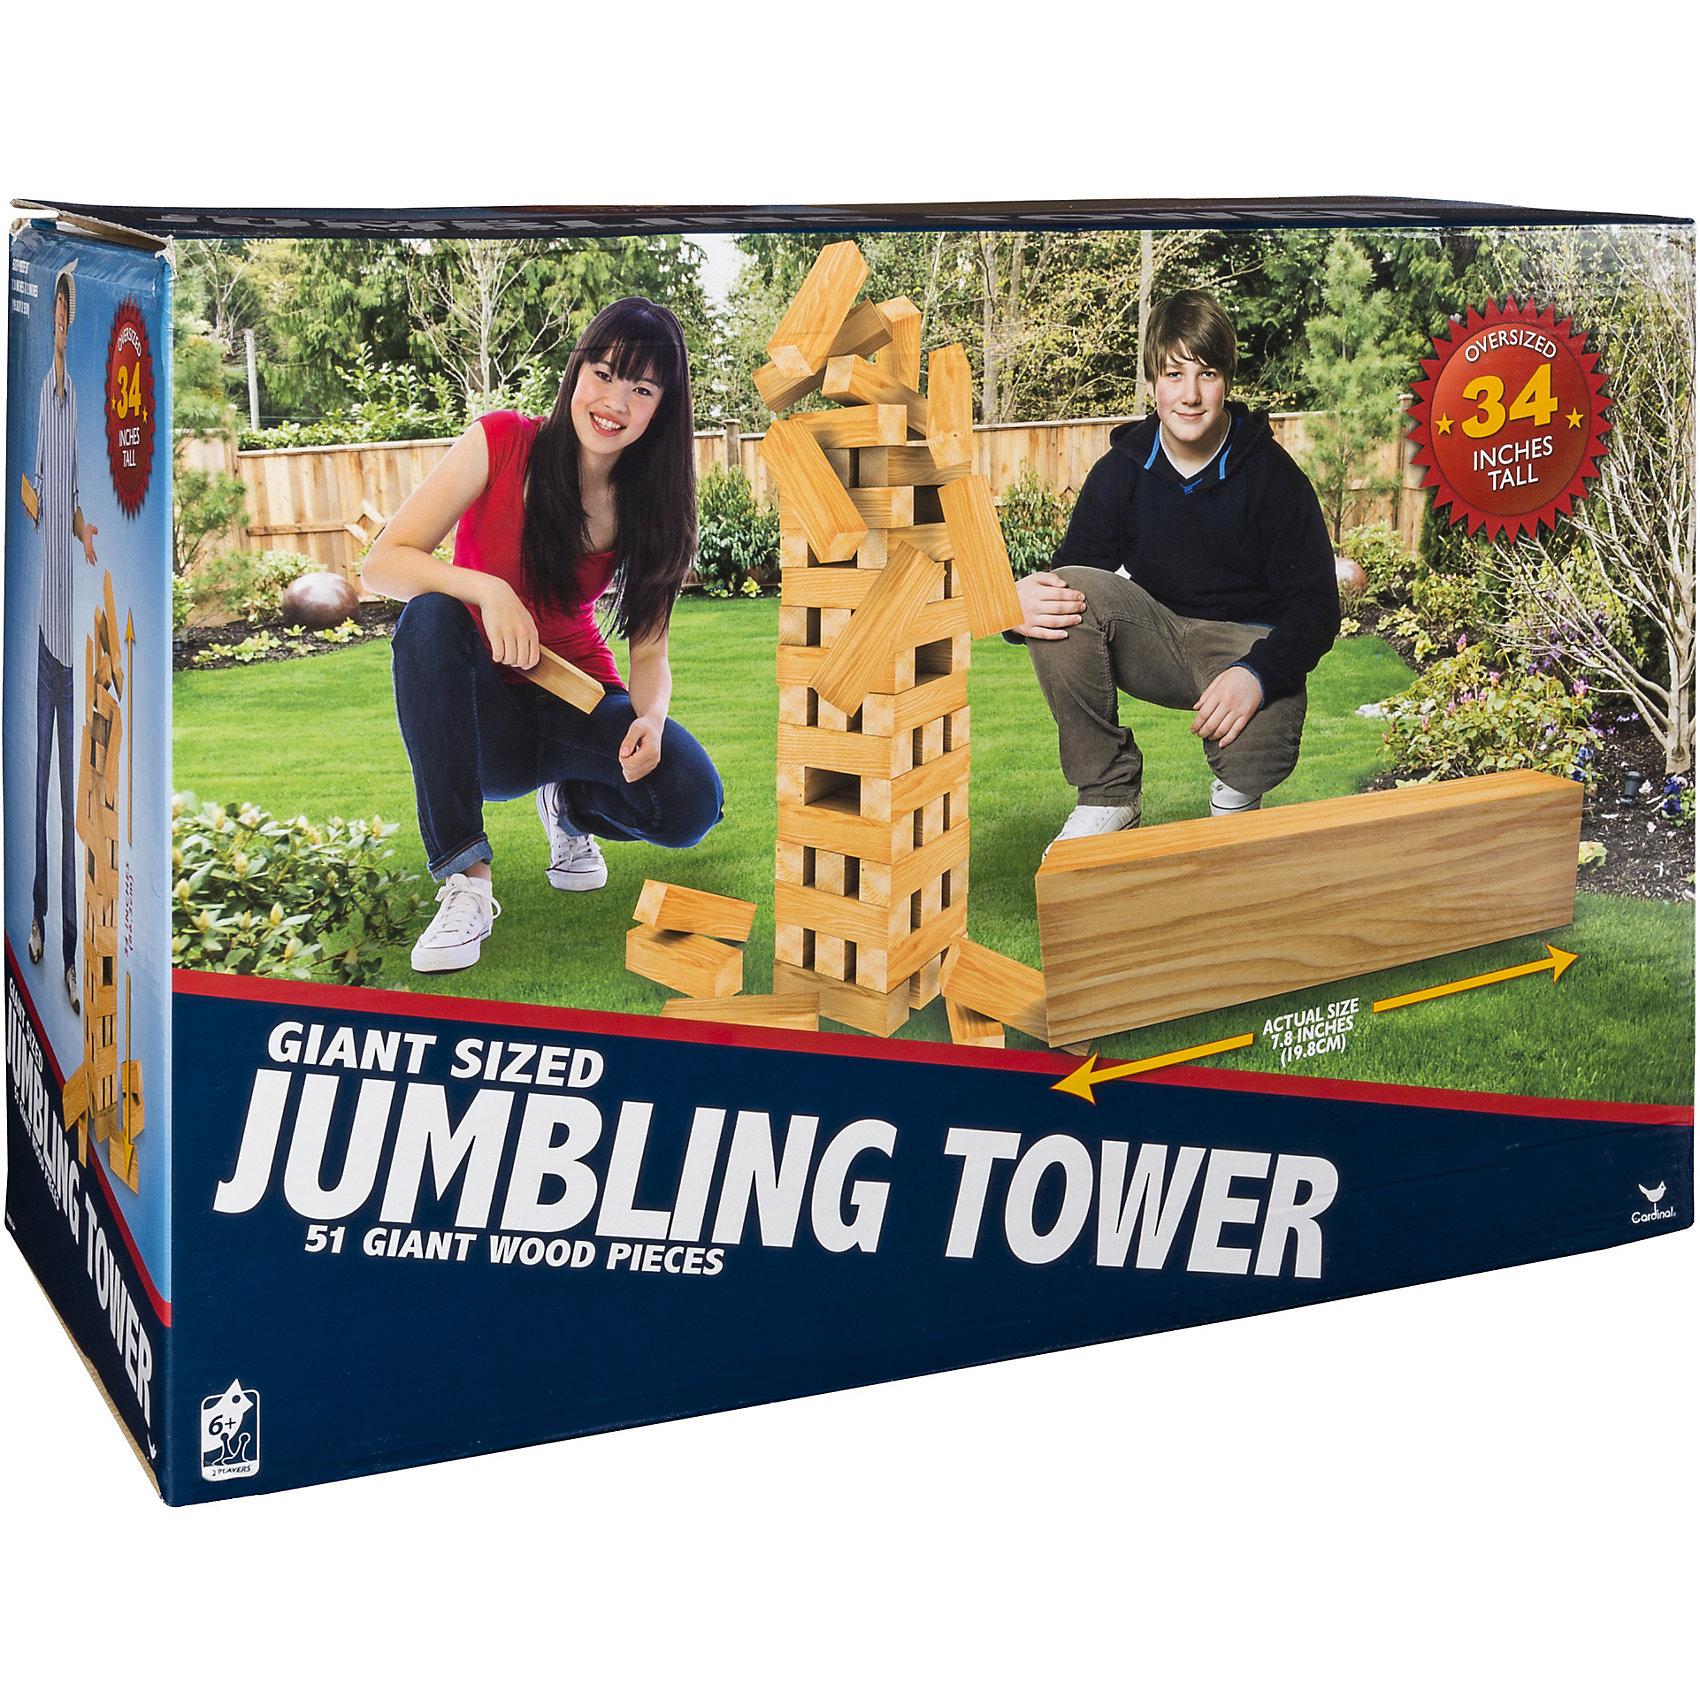 Настольная игра Падающая башня гигант, Spin MasterНастольные игры<br>Характеристики товара:<br><br>• возраст от 6 лет;<br>• материал: дерево;<br>• в комплекте: 51 блок;<br>• максимальное количество игроков: 4 человека;<br>• размер блока 19,8 см;<br>• максимальная высота башни 86 см;<br>• размер упаковки 21х8х8 см;<br>• страна производитель: Китай.<br><br>Настольная игра «Падающая башня гигант» Spin Master — увлекательная игра для компании до 4 человек. Цель игры — построить высокую башню, а затем убирать из нее по одному брусочку и помещать его наверх. Только следует быть аккуратным и внимательным, вынимая брусочки. Башня не должна упасть, иначе игрок проиграет. Игра тренирует внимательность, аккуратность, смекалку, ловкость. <br><br>Настольную игру «Падающая башня гигант» Spin Master можно приобрести в нашем интернет-магазине.<br><br>Ширина мм: 150<br>Глубина мм: 150<br>Высота мм: 440<br>Вес г: 3253<br>Возраст от месяцев: 72<br>Возраст до месяцев: 2147483647<br>Пол: Унисекс<br>Возраст: Детский<br>SKU: 6728776